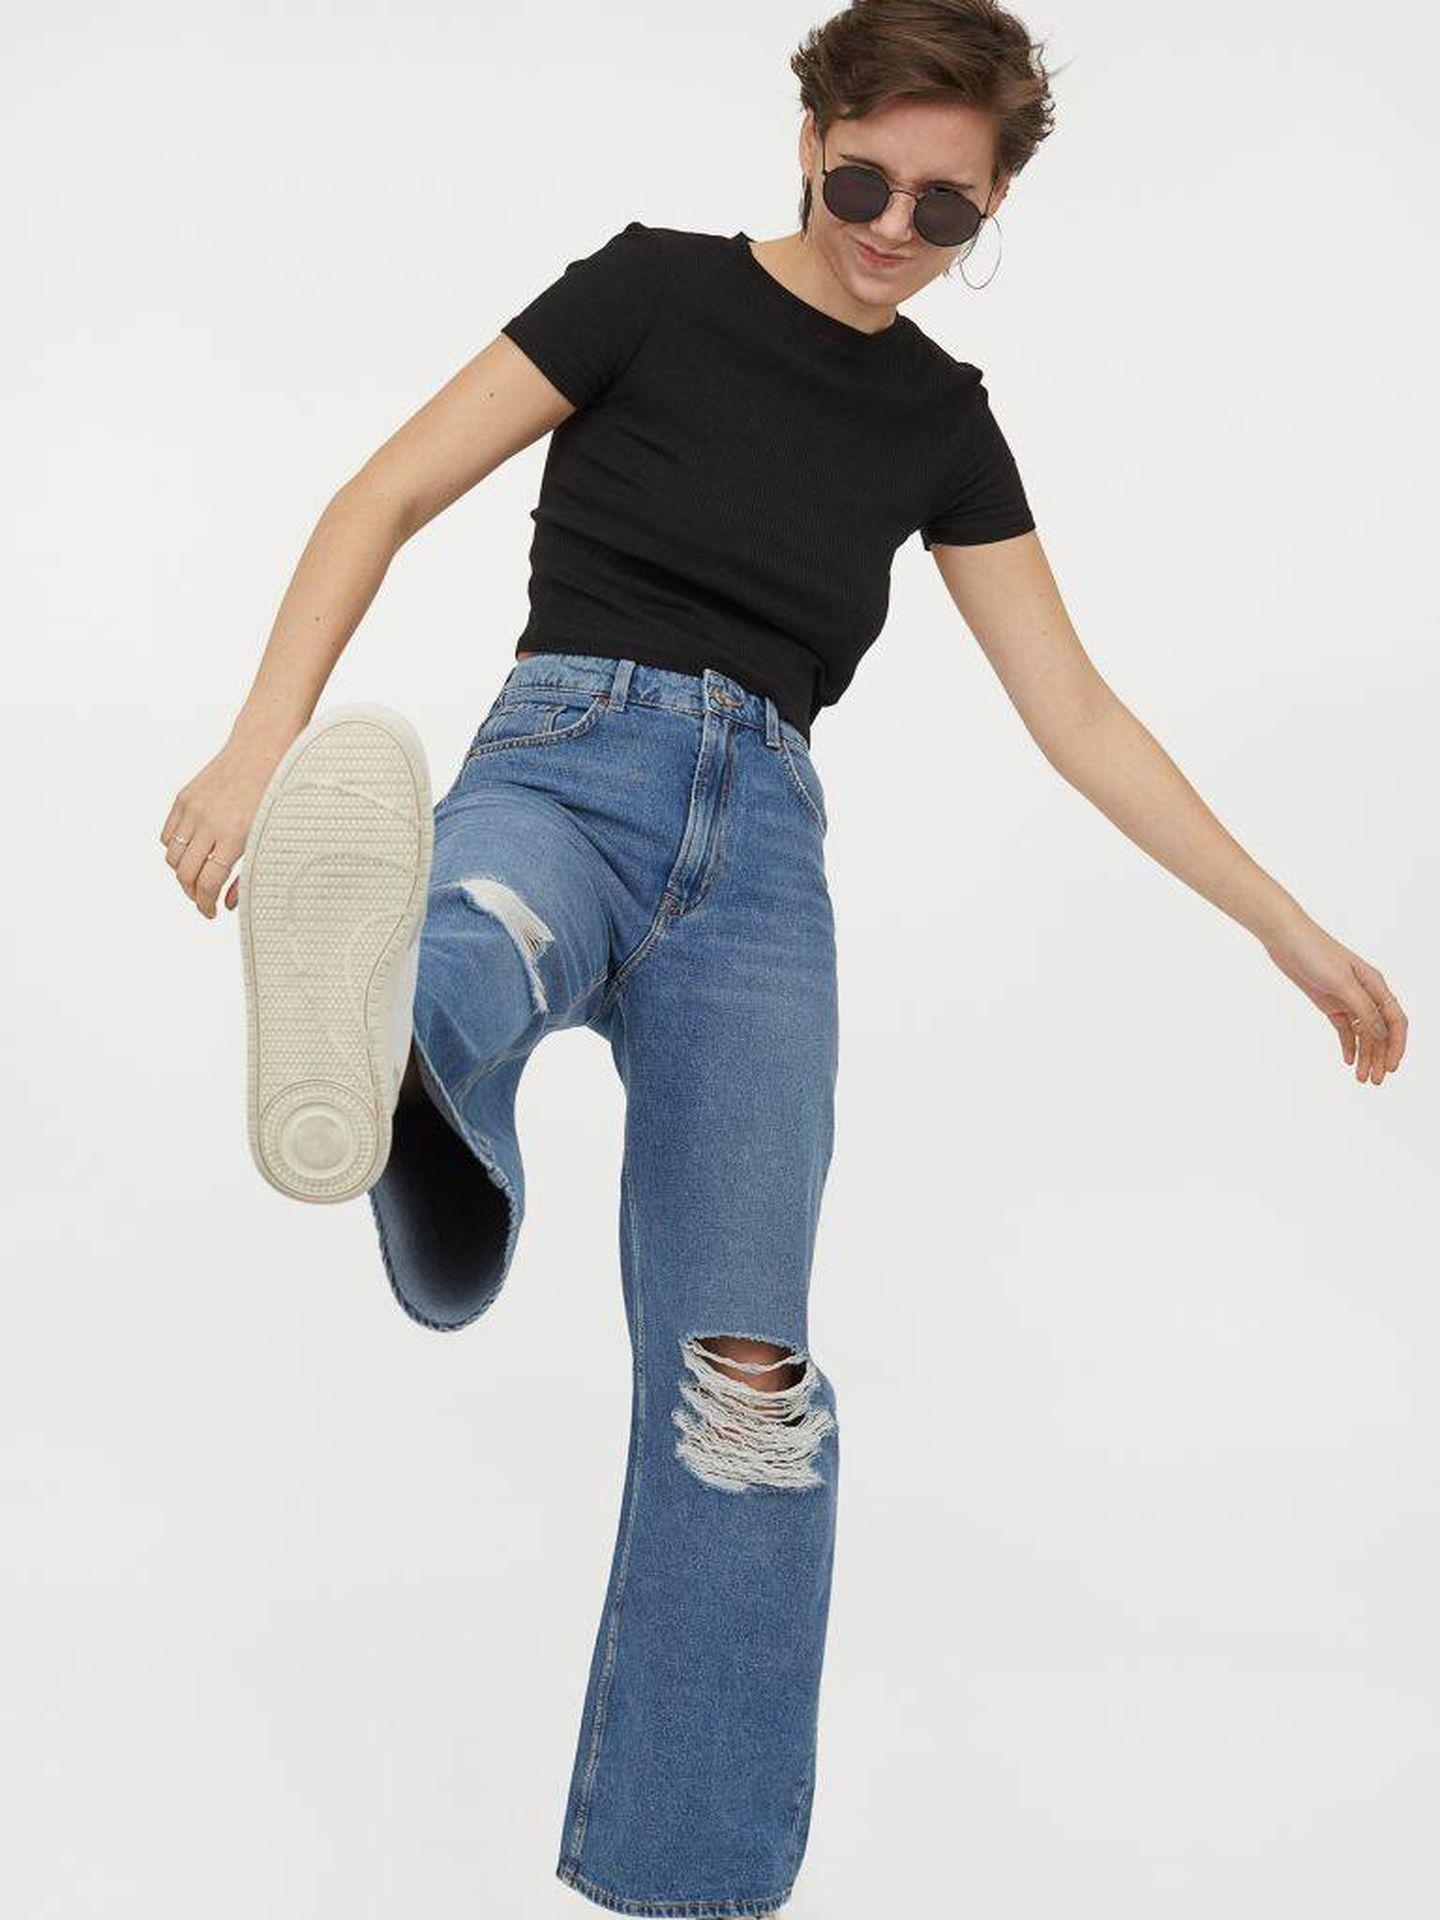 El pantalón vaquero perfecto para mujeres bajitas es de HyM. (Cortesía)